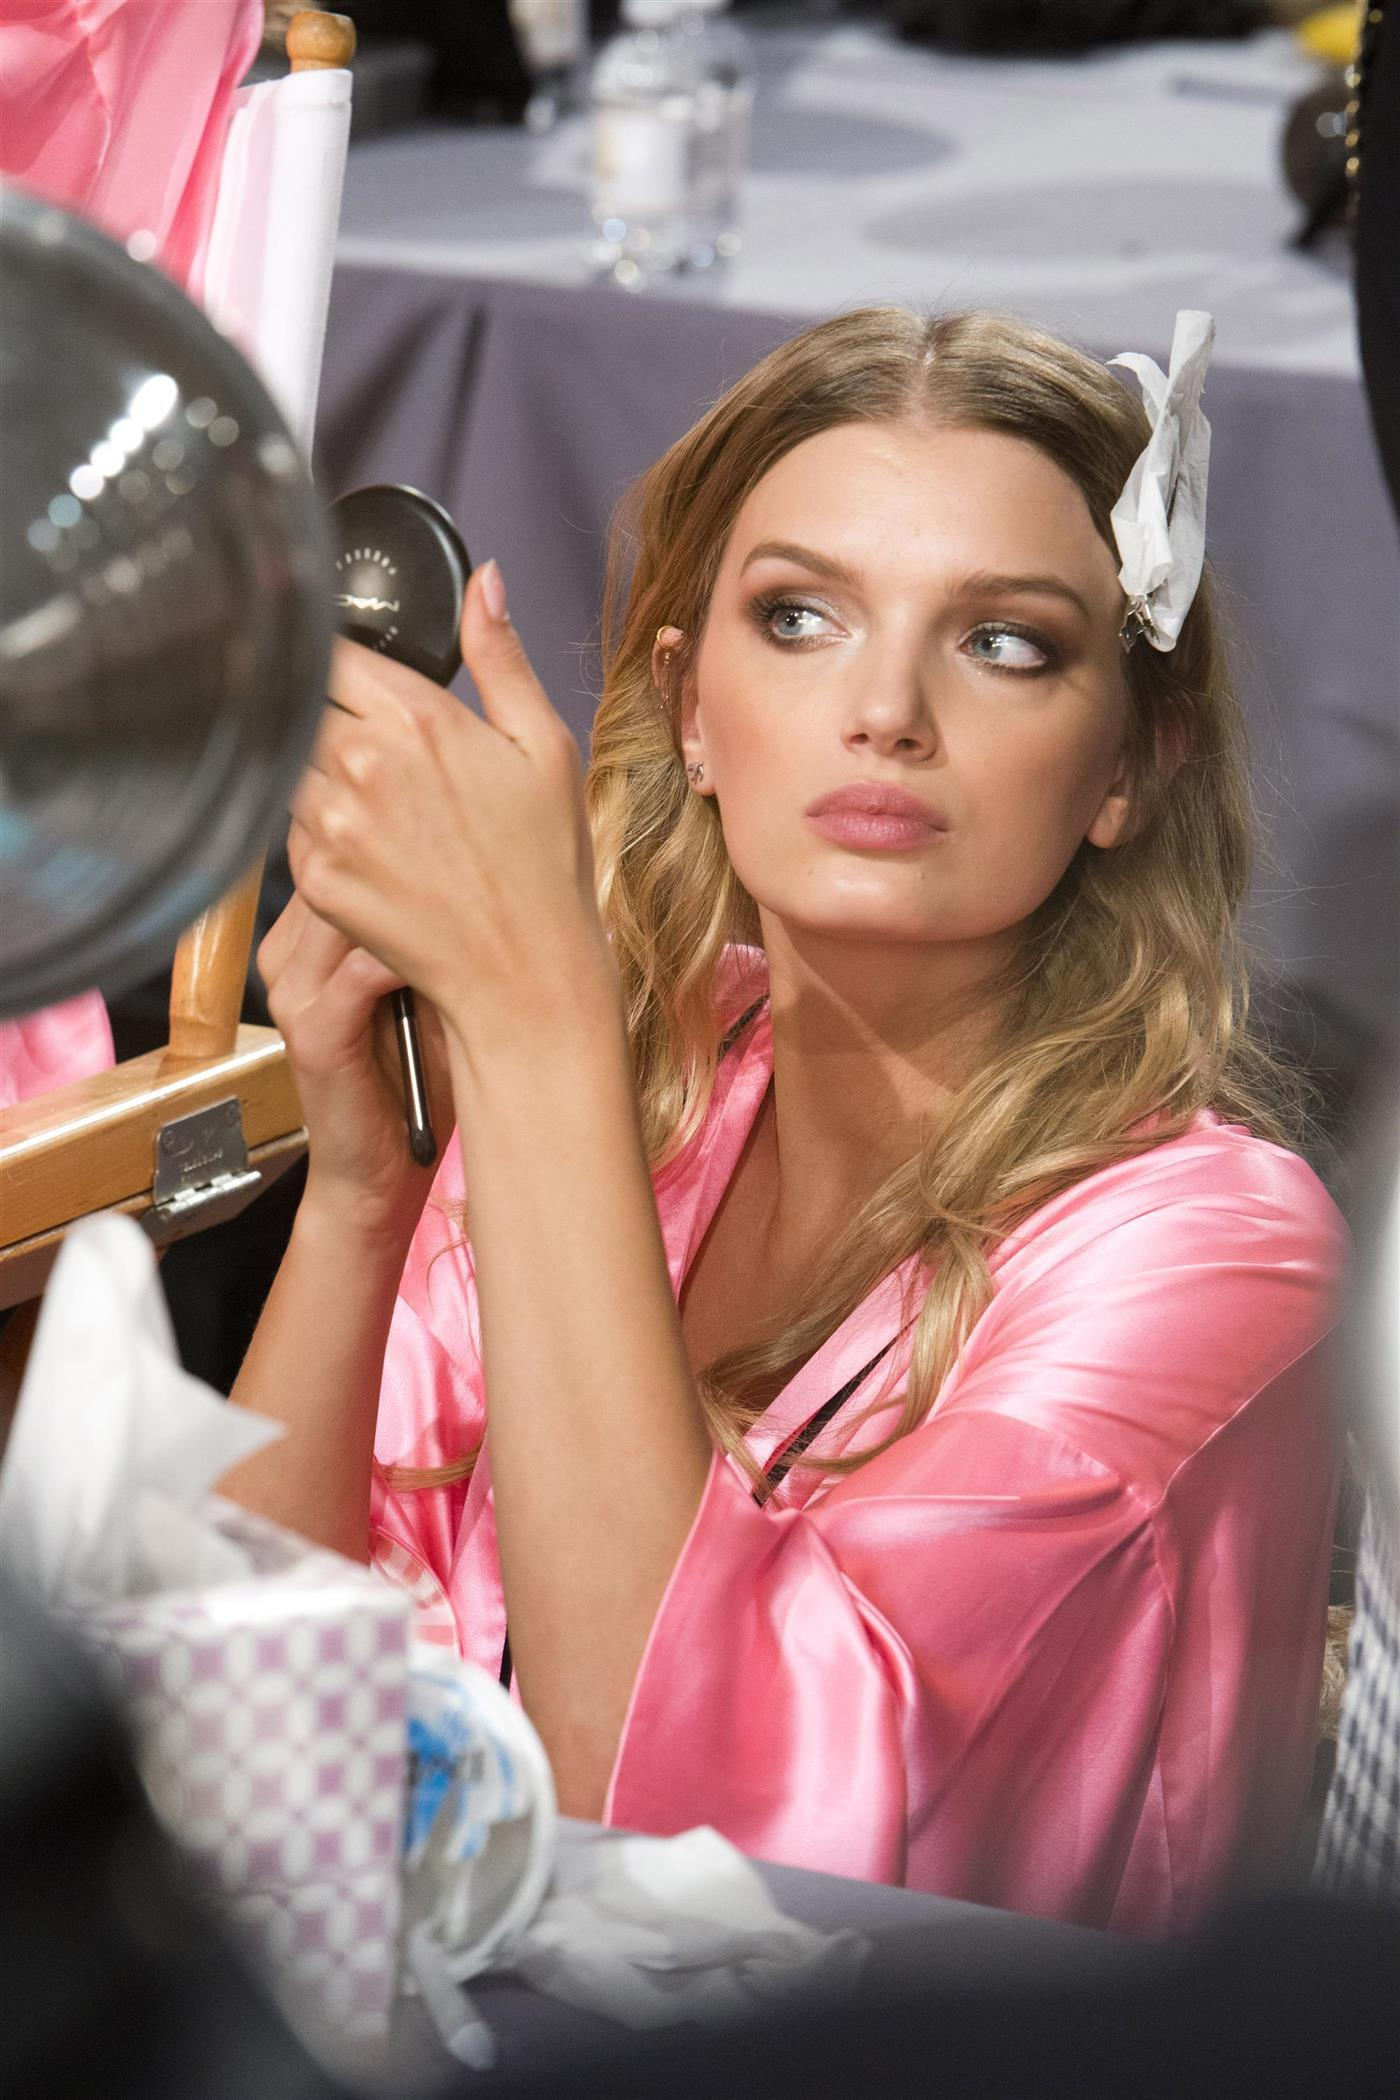 7d42e944a Toma nota de los mejores productos de maquillaje para la piel grasa y  olvídate de los incómodos brillos conforme pasan las horas. Conseguir un  'beauty look' ...